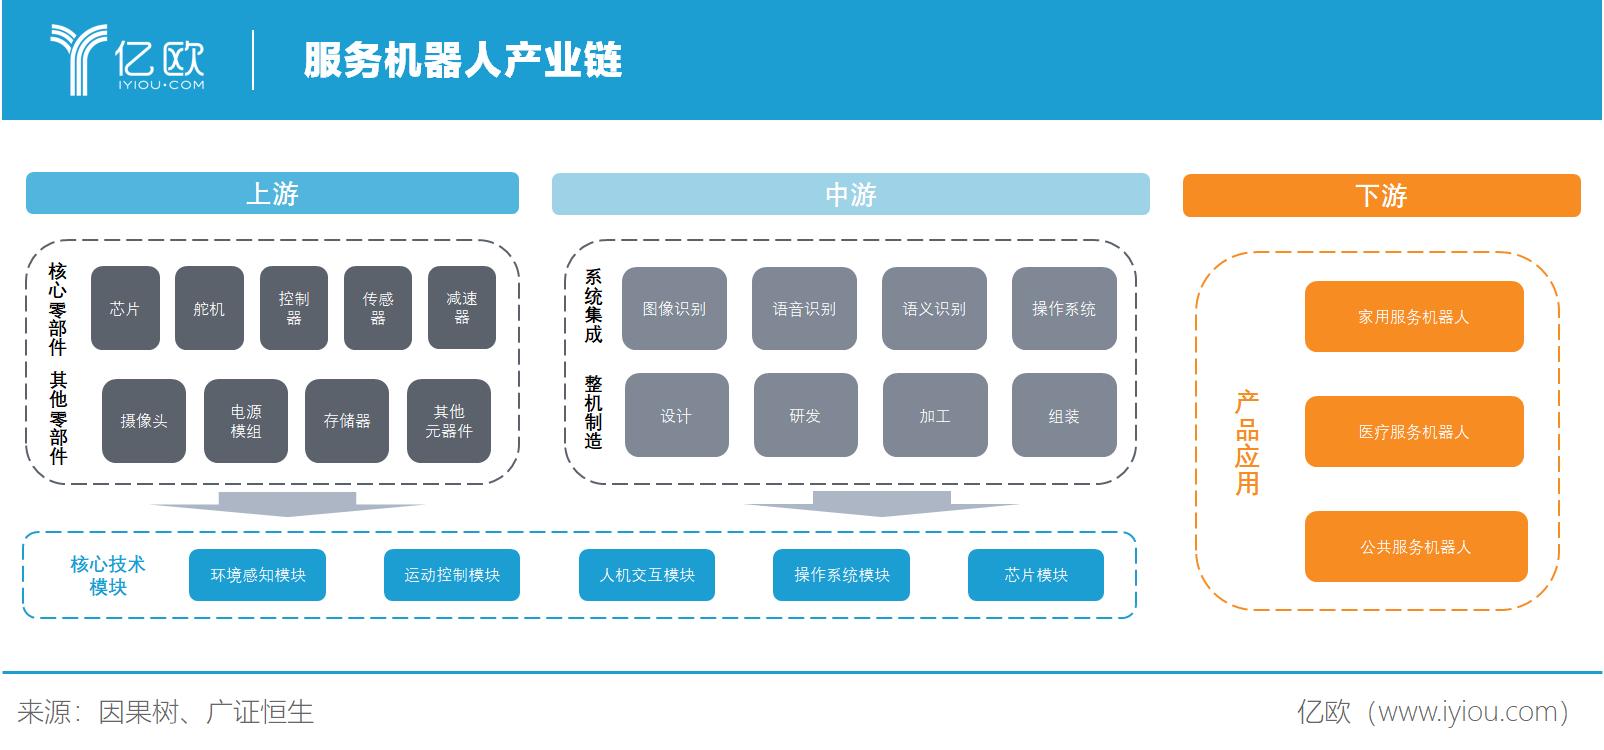 必赢亚州366net智库:服务机器人产业链